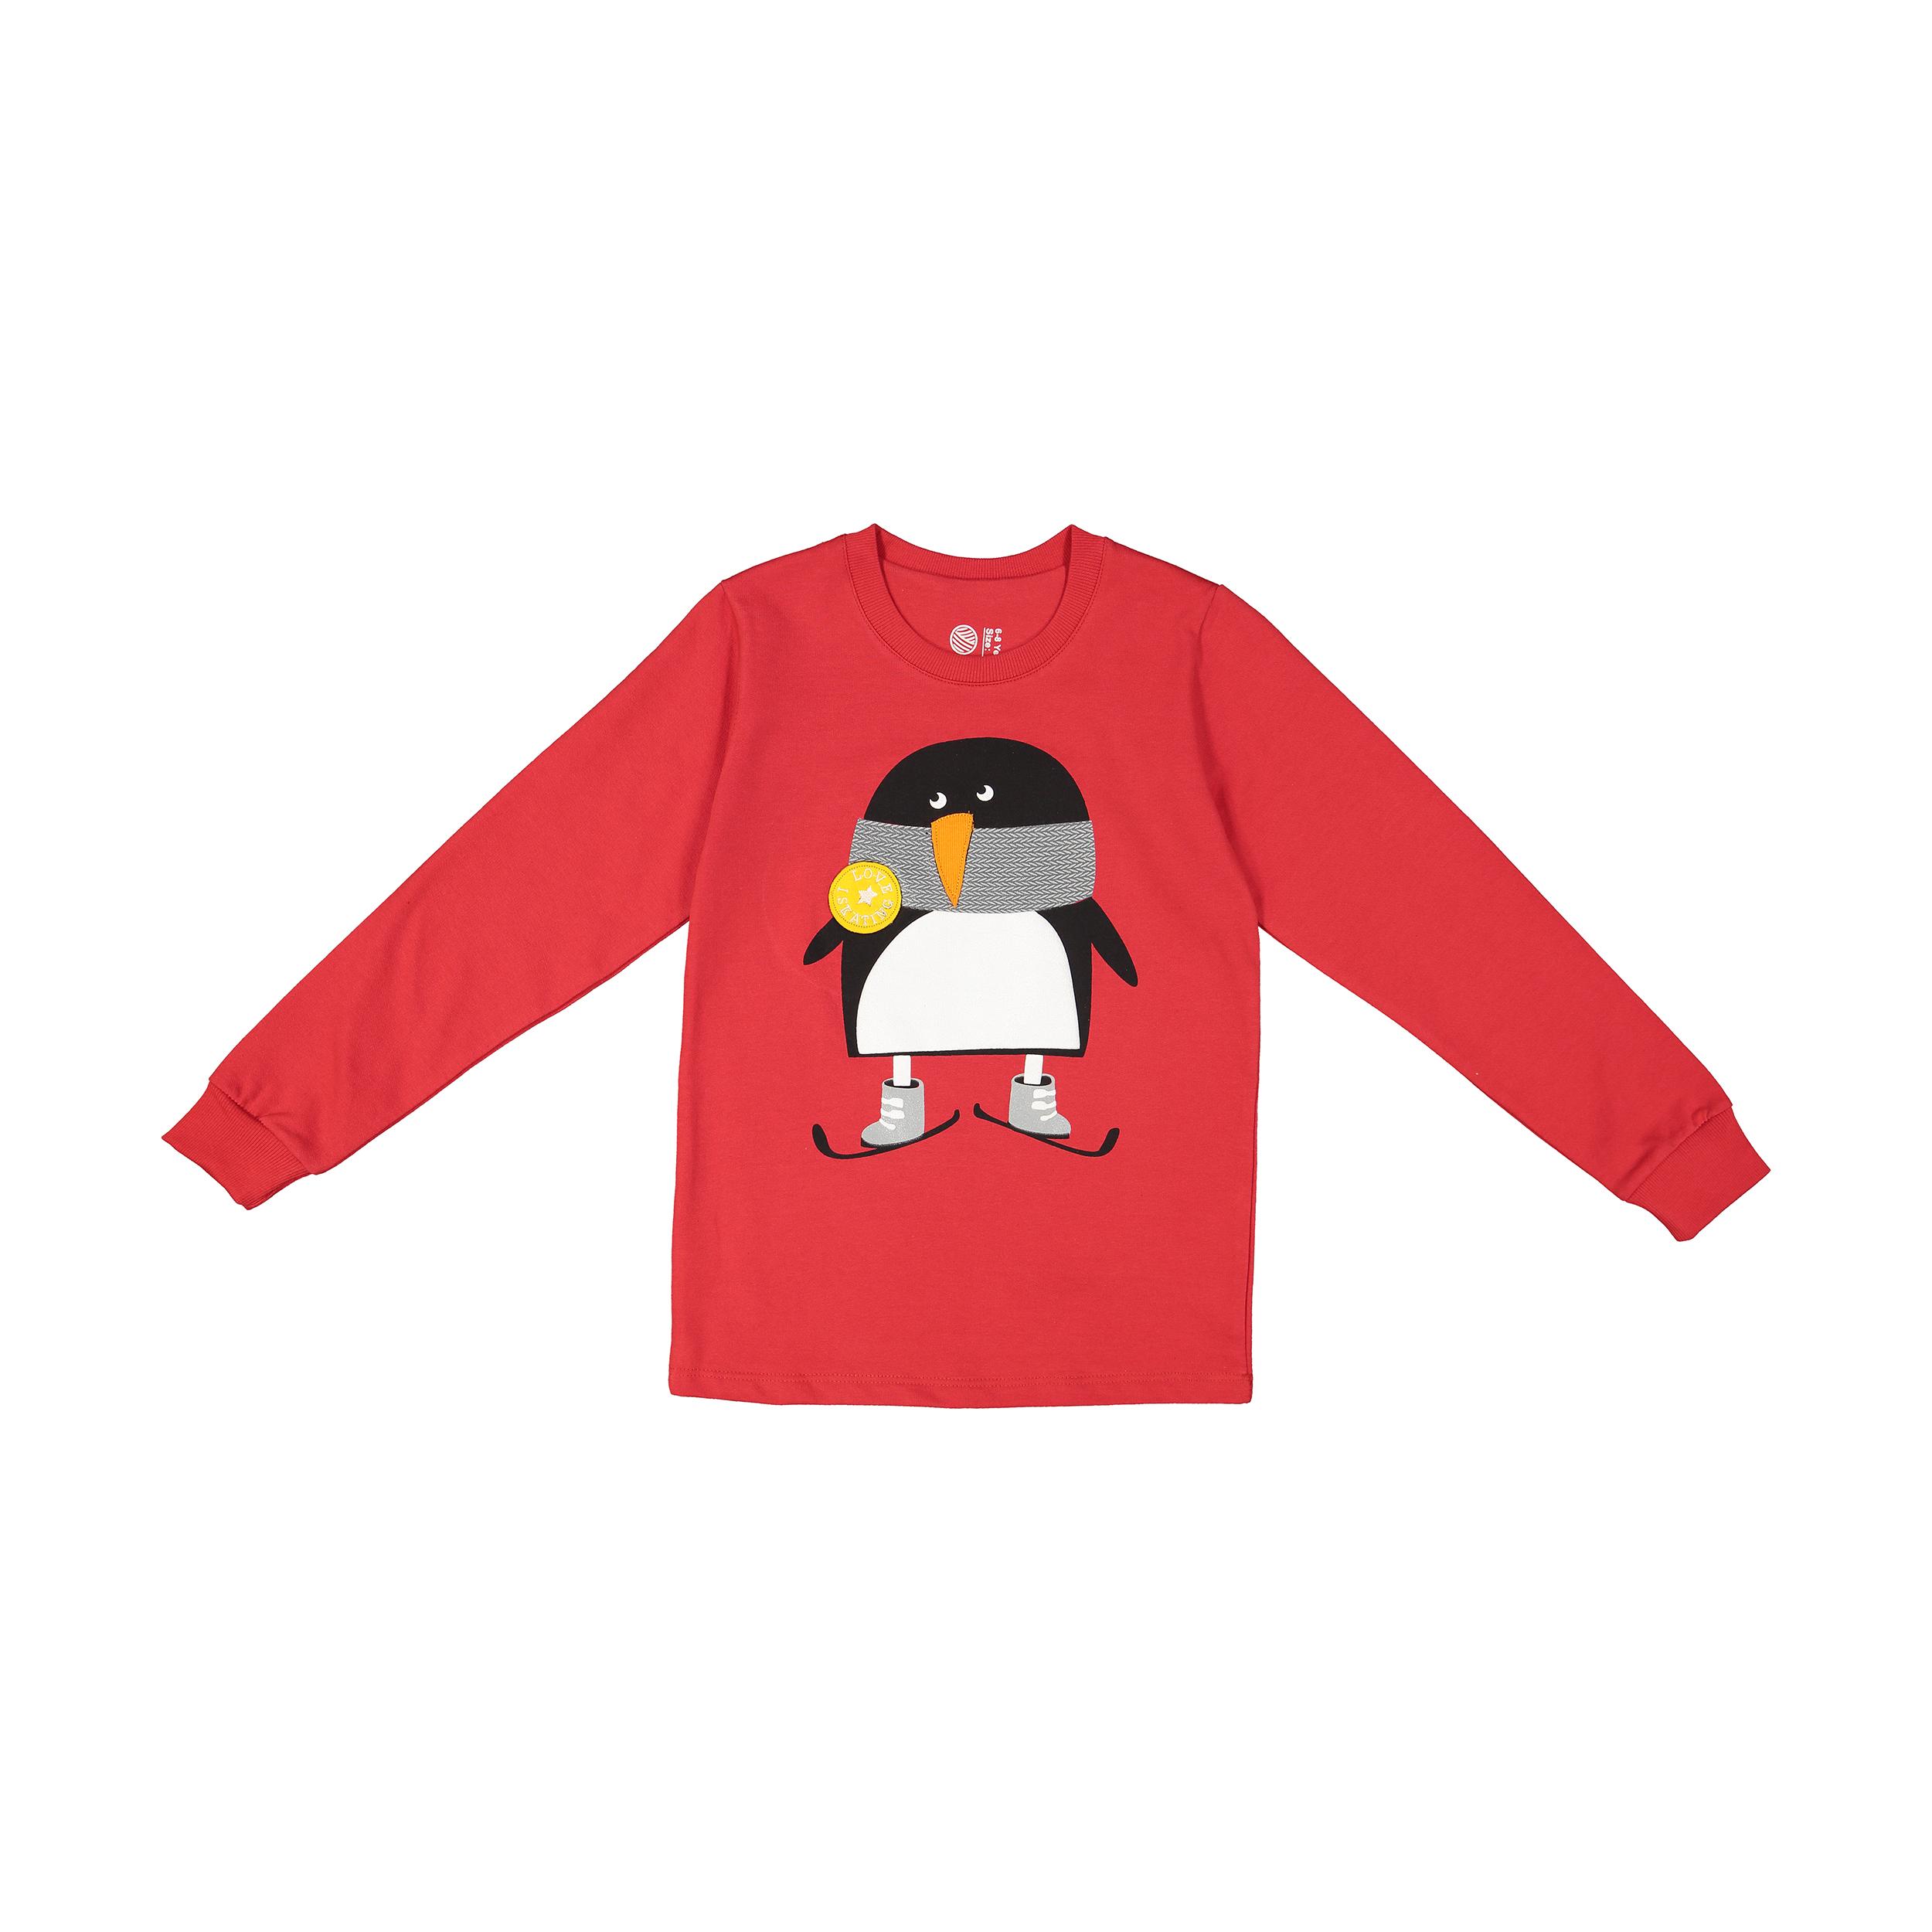 تی شرت پسرانه سون پون مدل 1391232-72